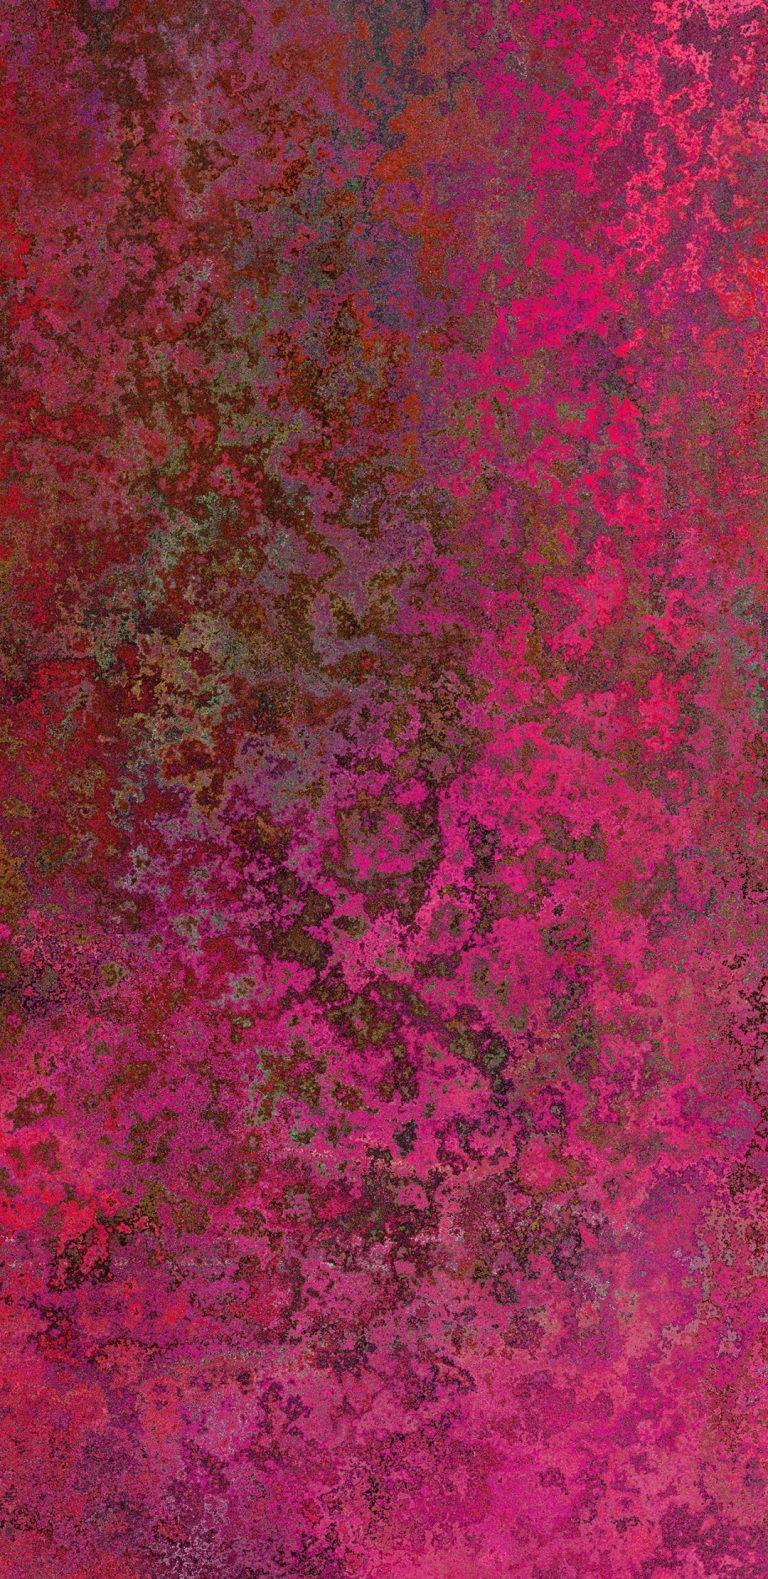 1080x2220 Wallpaper 402 768x1579